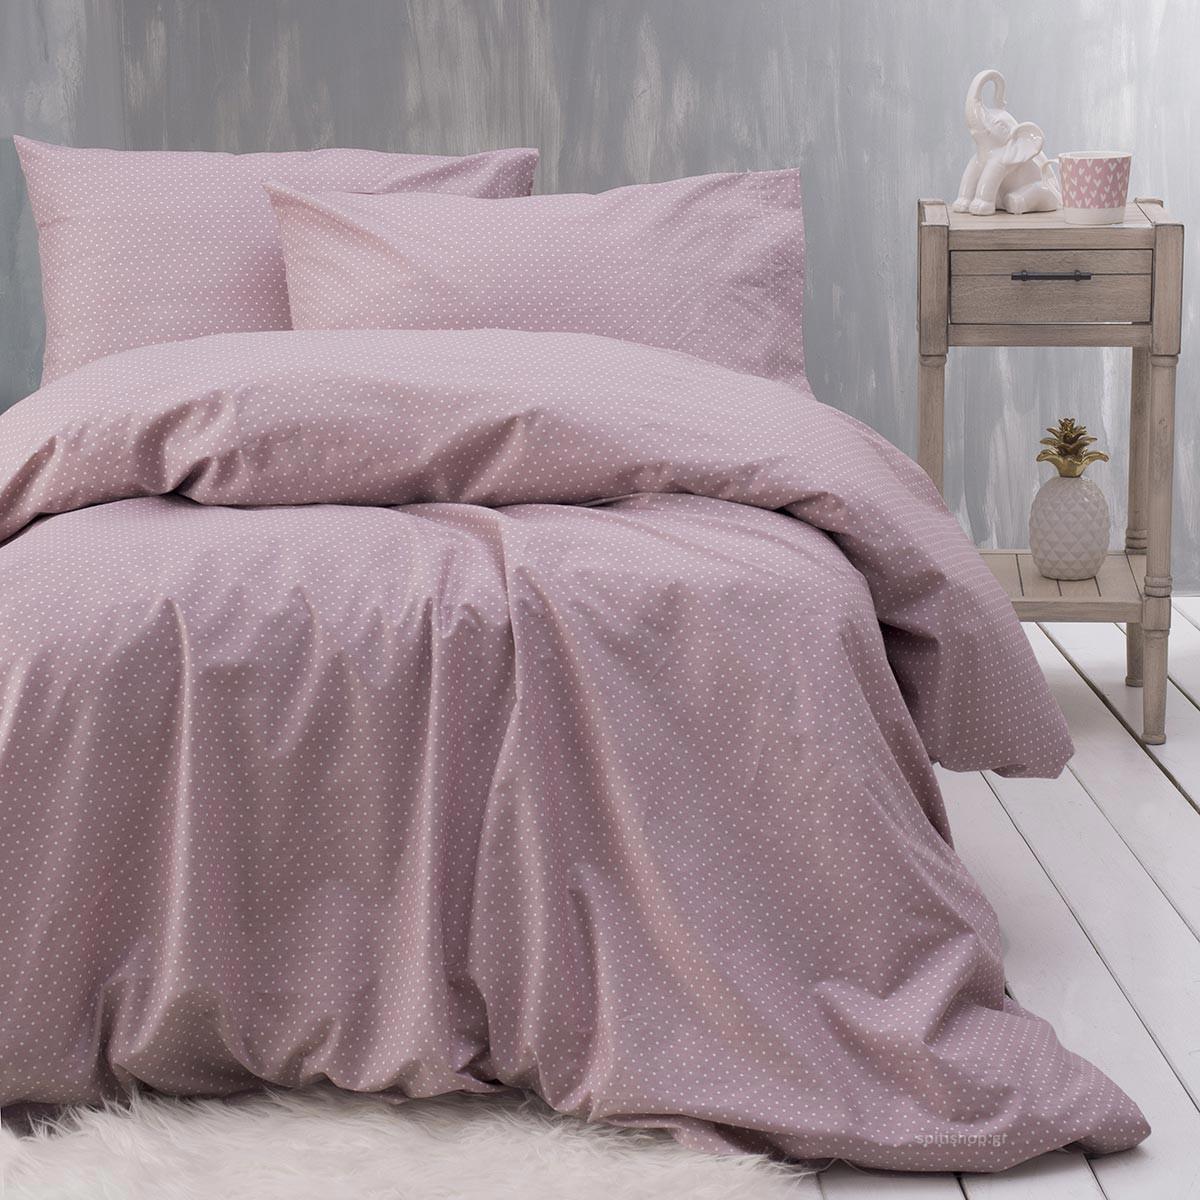 Κουβερλί Μονό (Σετ) Rythmos Symbol Dotty Pink